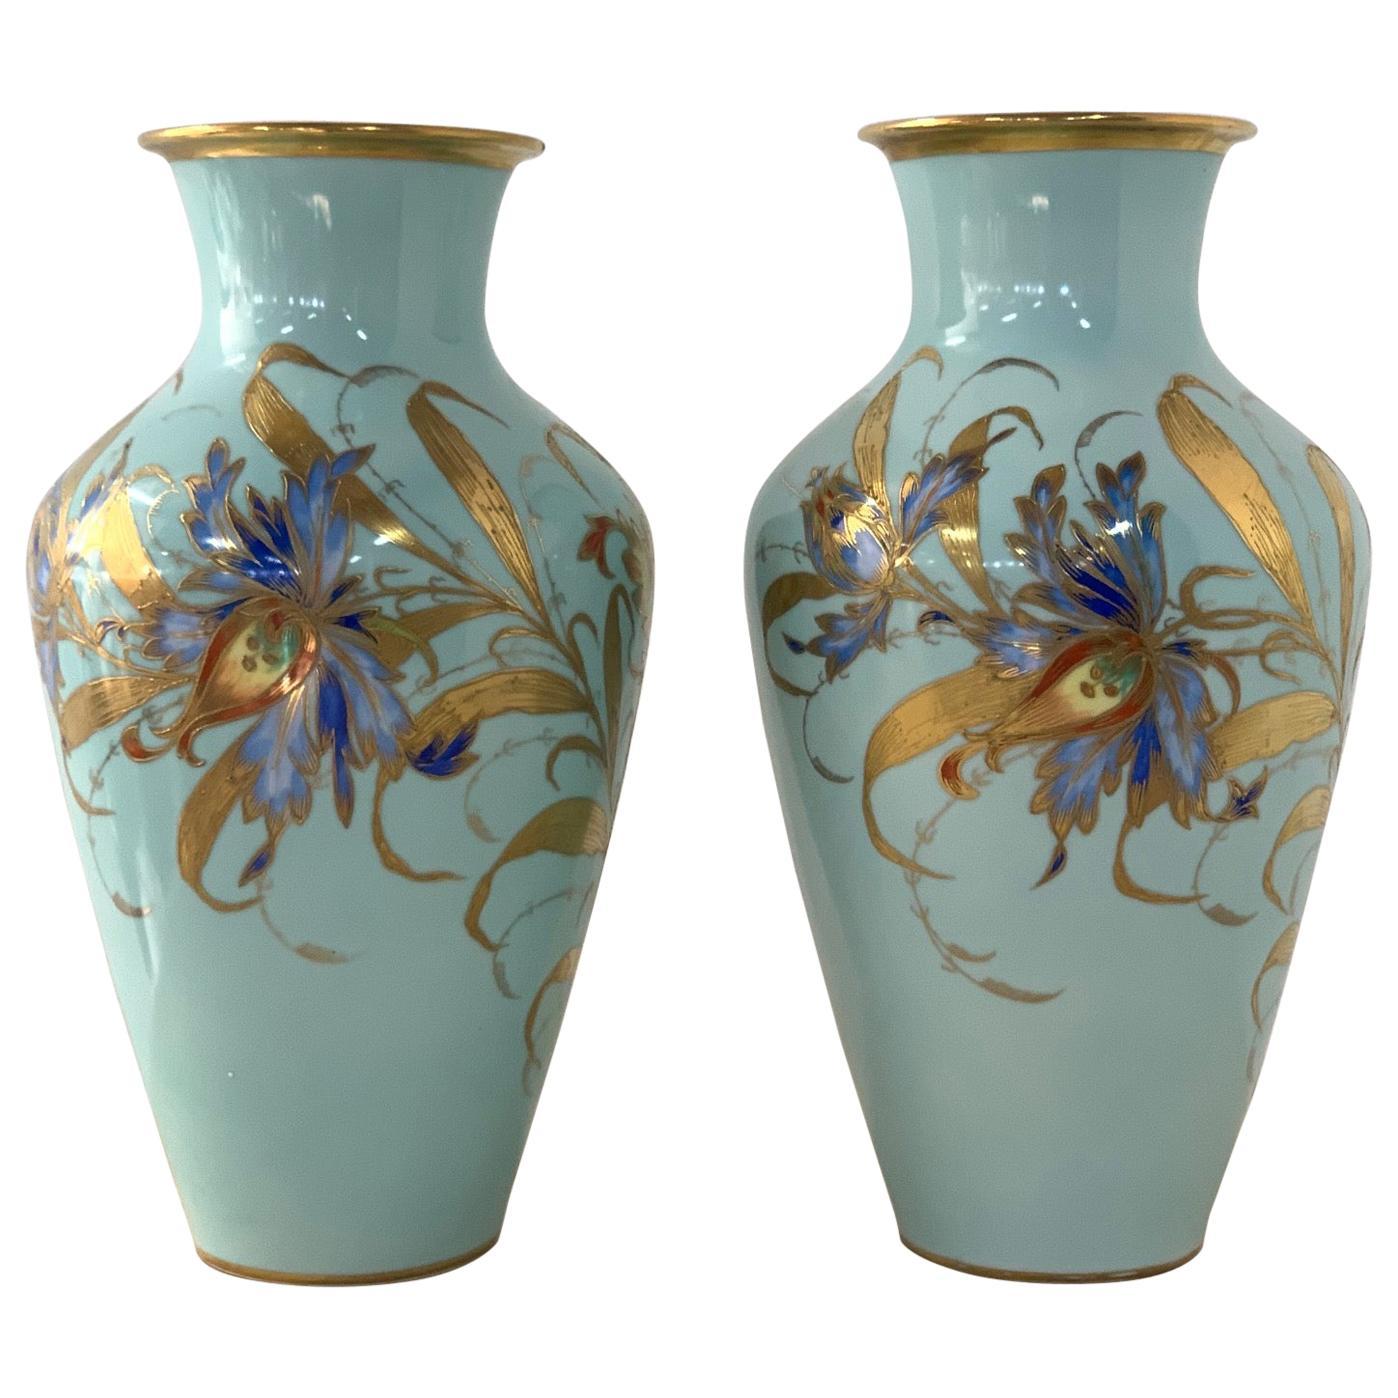 Pair of Decorative Hand Painted Ceramic Vases